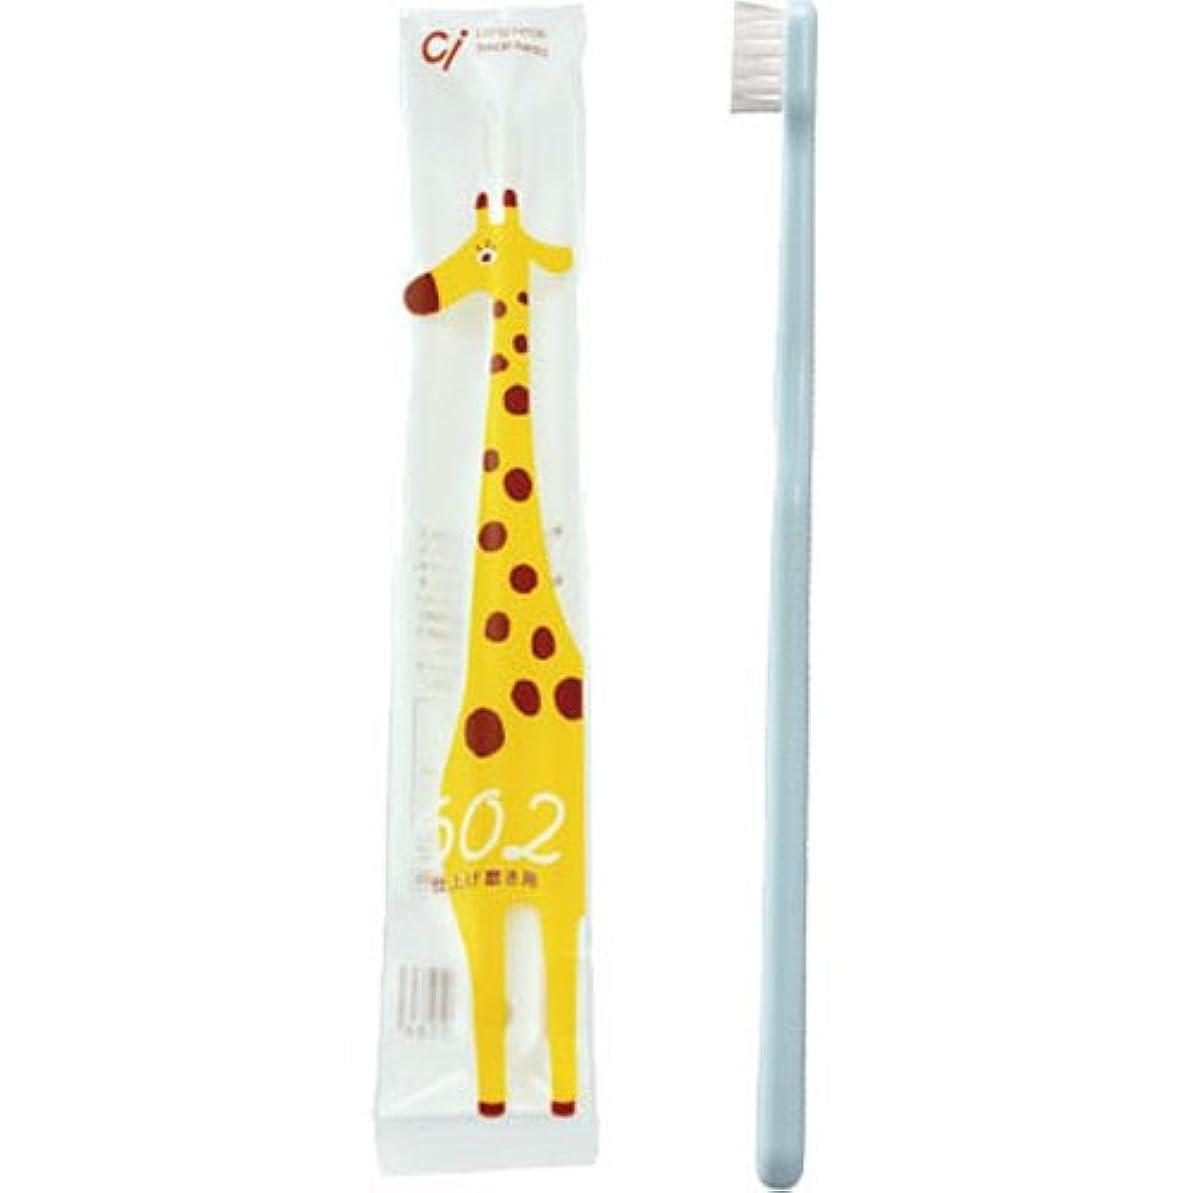 簡単な距離灌漑Ci(シーアイ) 歯ブラシ 仕上げ磨き用 #602 1本入